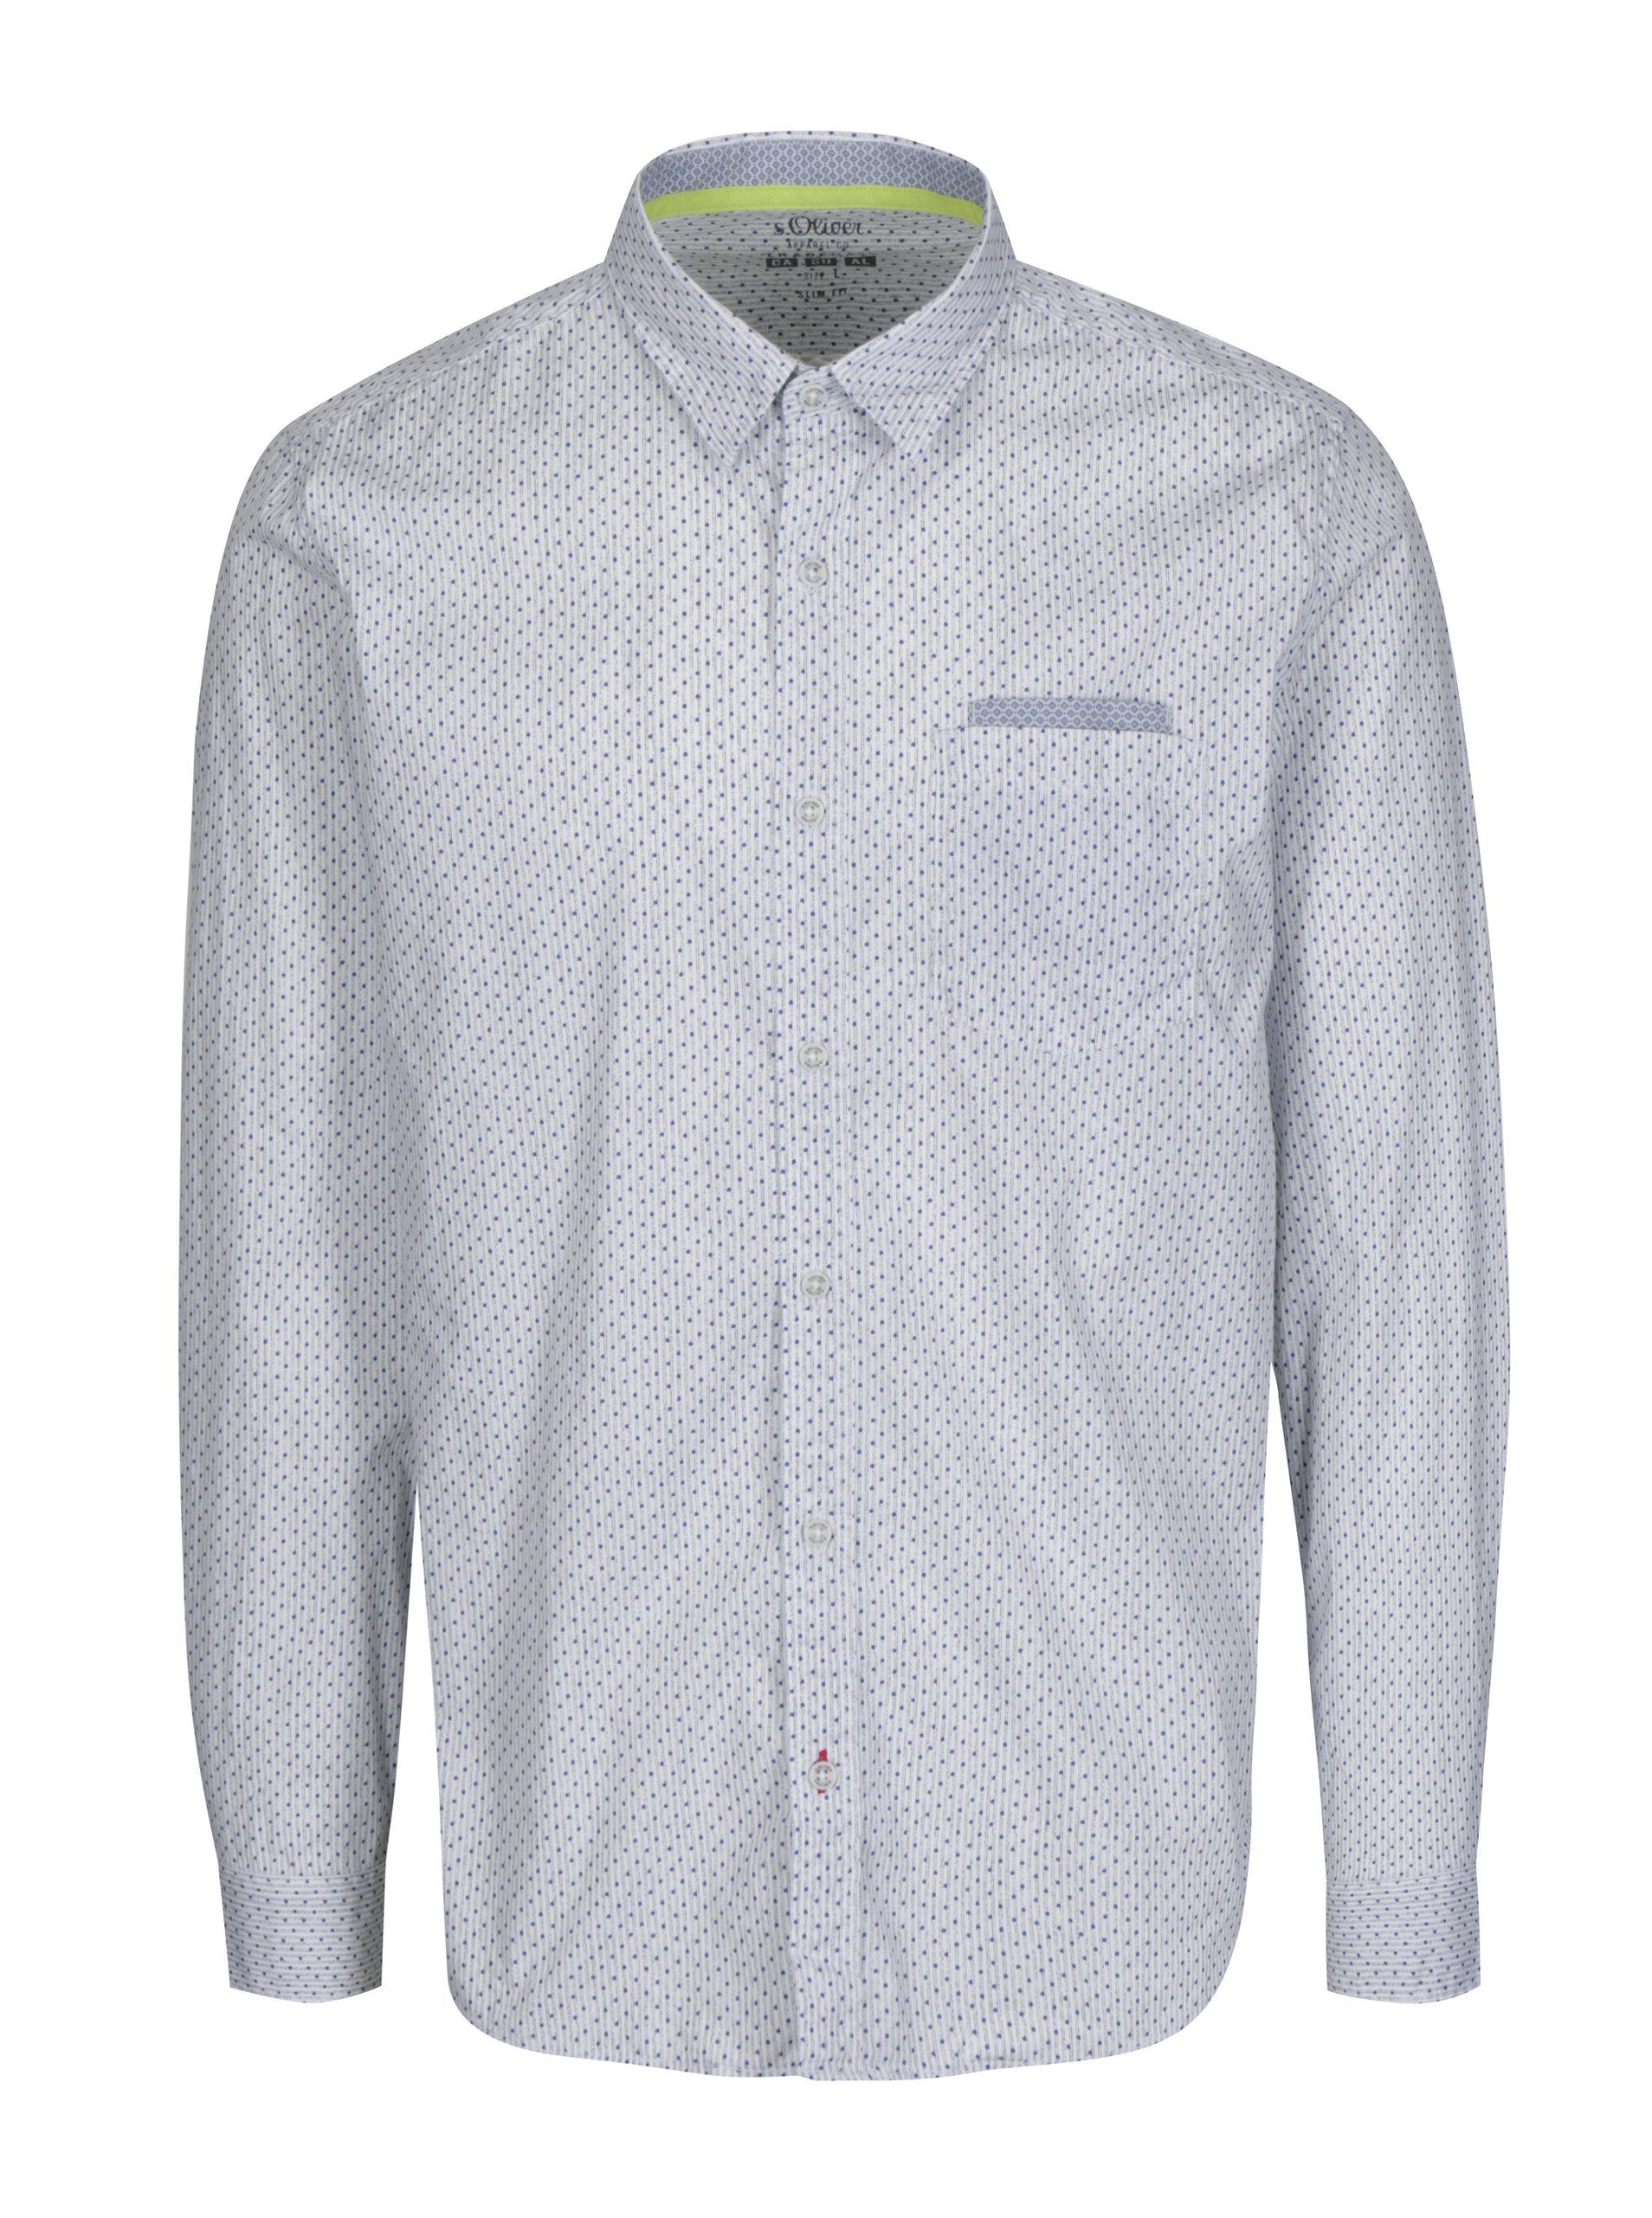 Bílá pánská vzorovaná slim fit košile s náprsní kapsou s.Oliver b608efe668